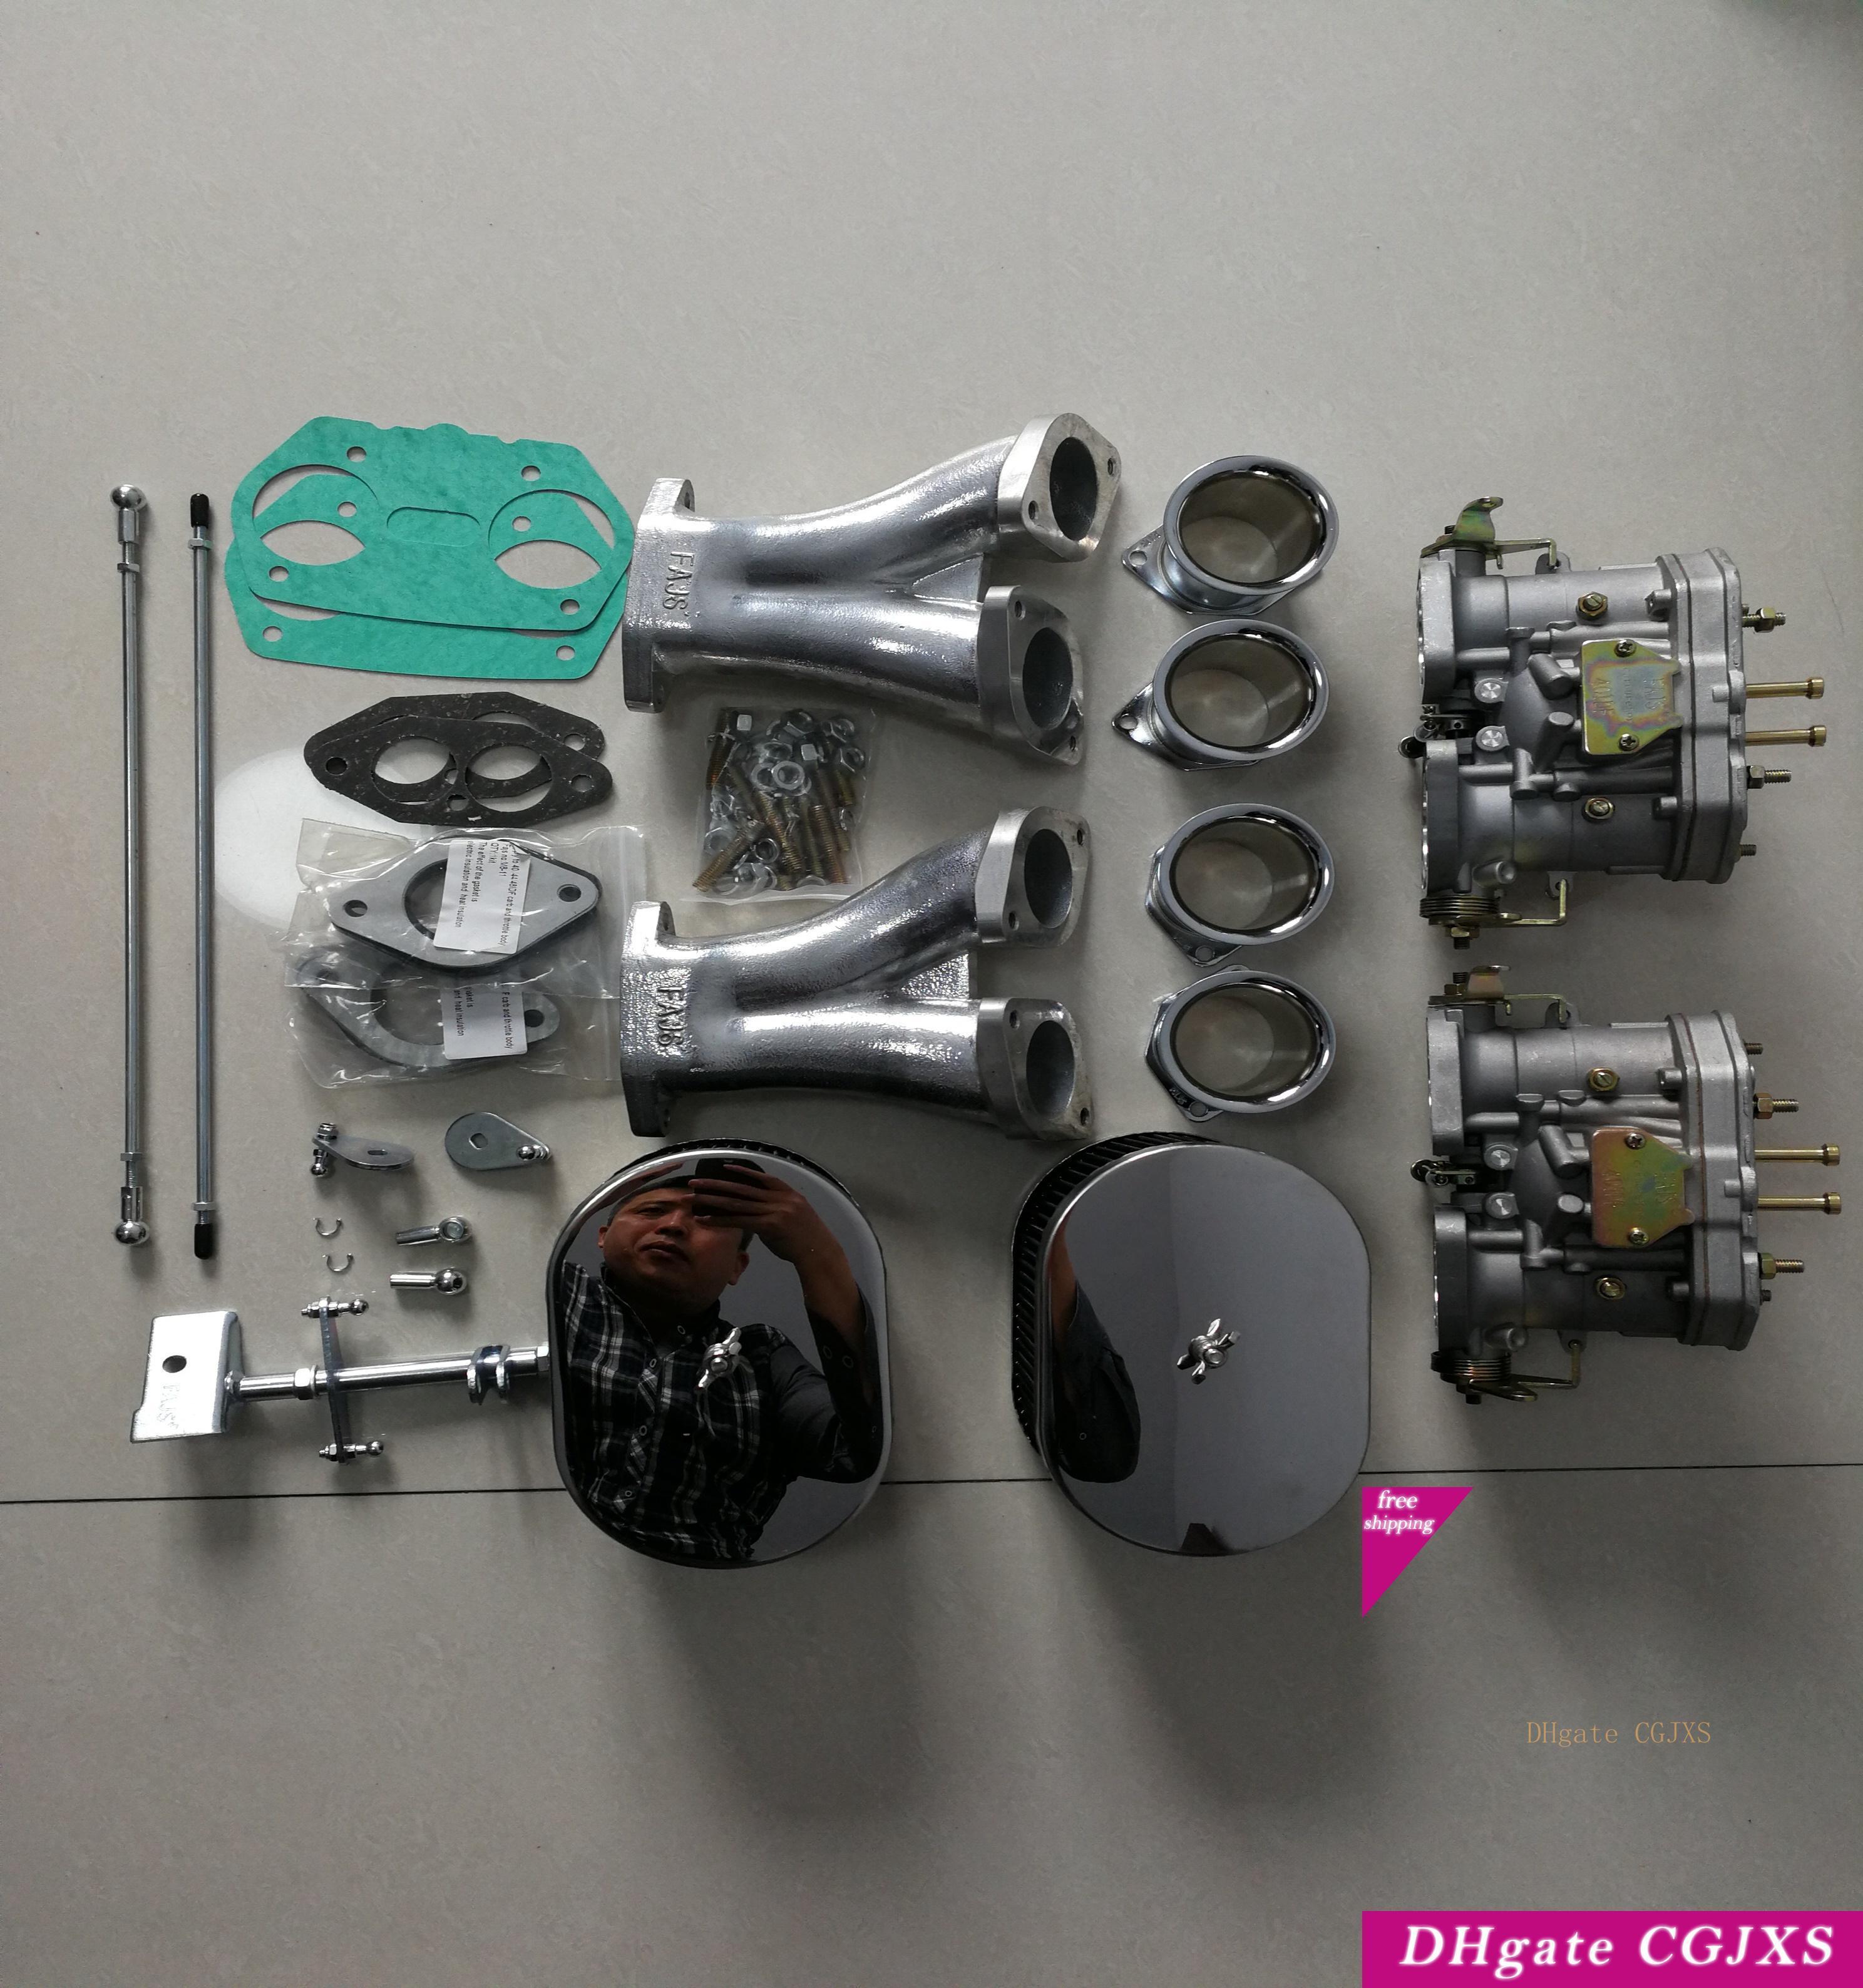 Sherryberg Carburettor Carb Conversion Kit For Vw Model T1 Fajs Hpmx Weber Idf 2 Carb Dual 40mm Carb Kit T1 Linkage Type 1 40idf T1 Empi